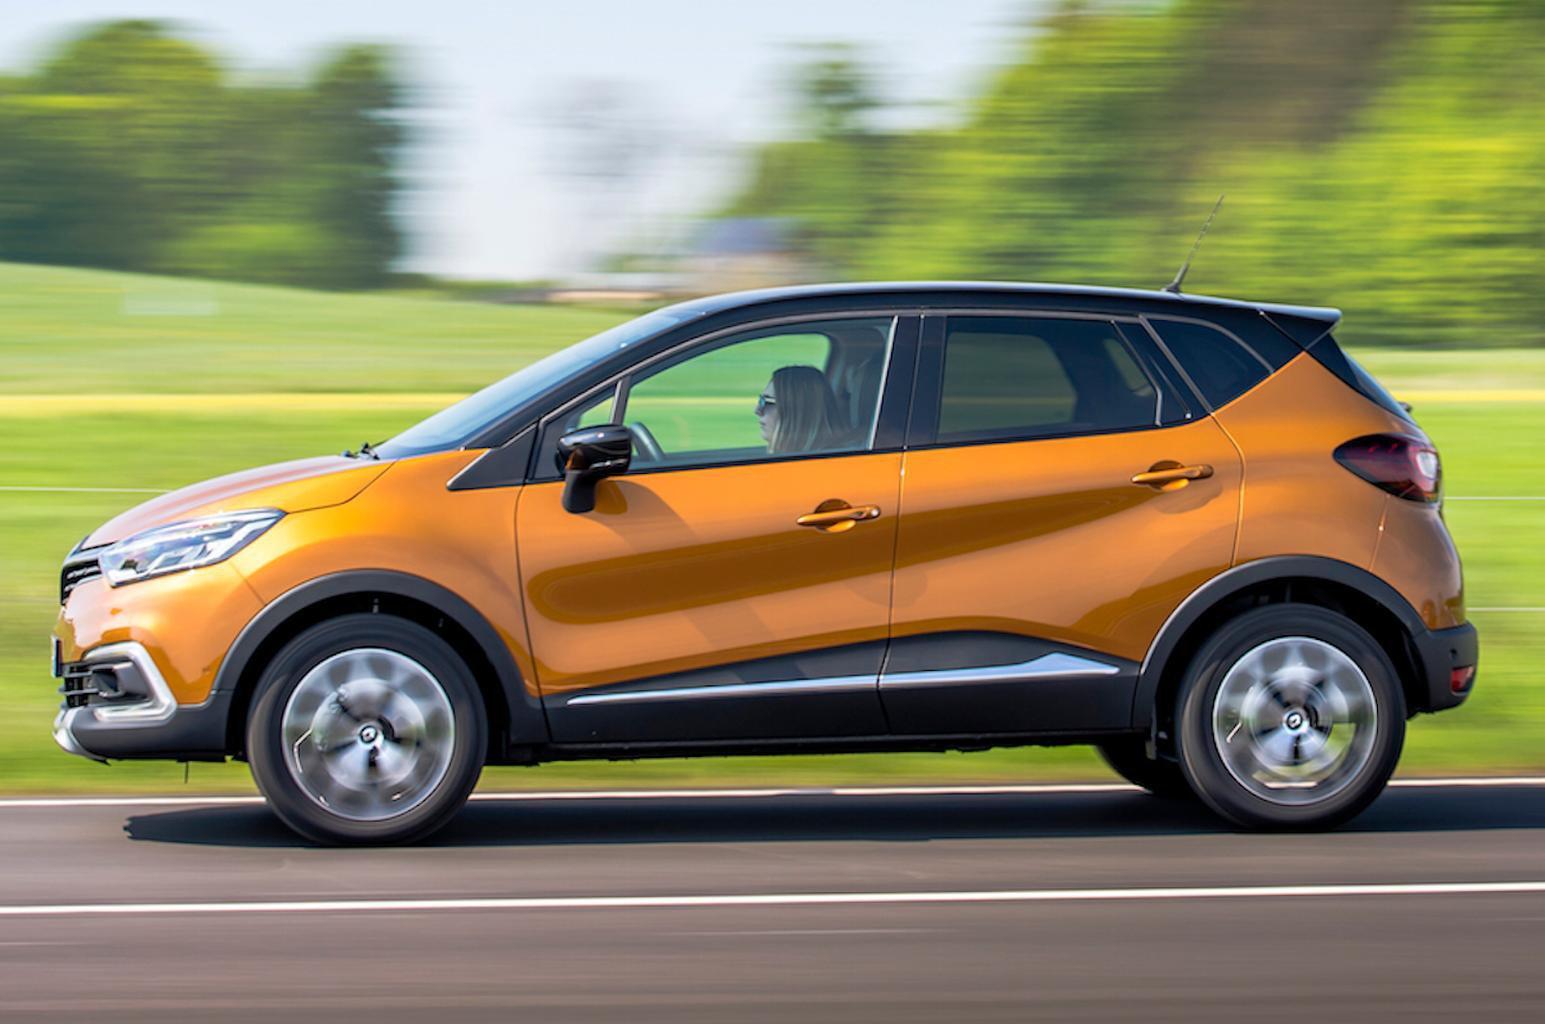 Renault Captur review verdict and specs